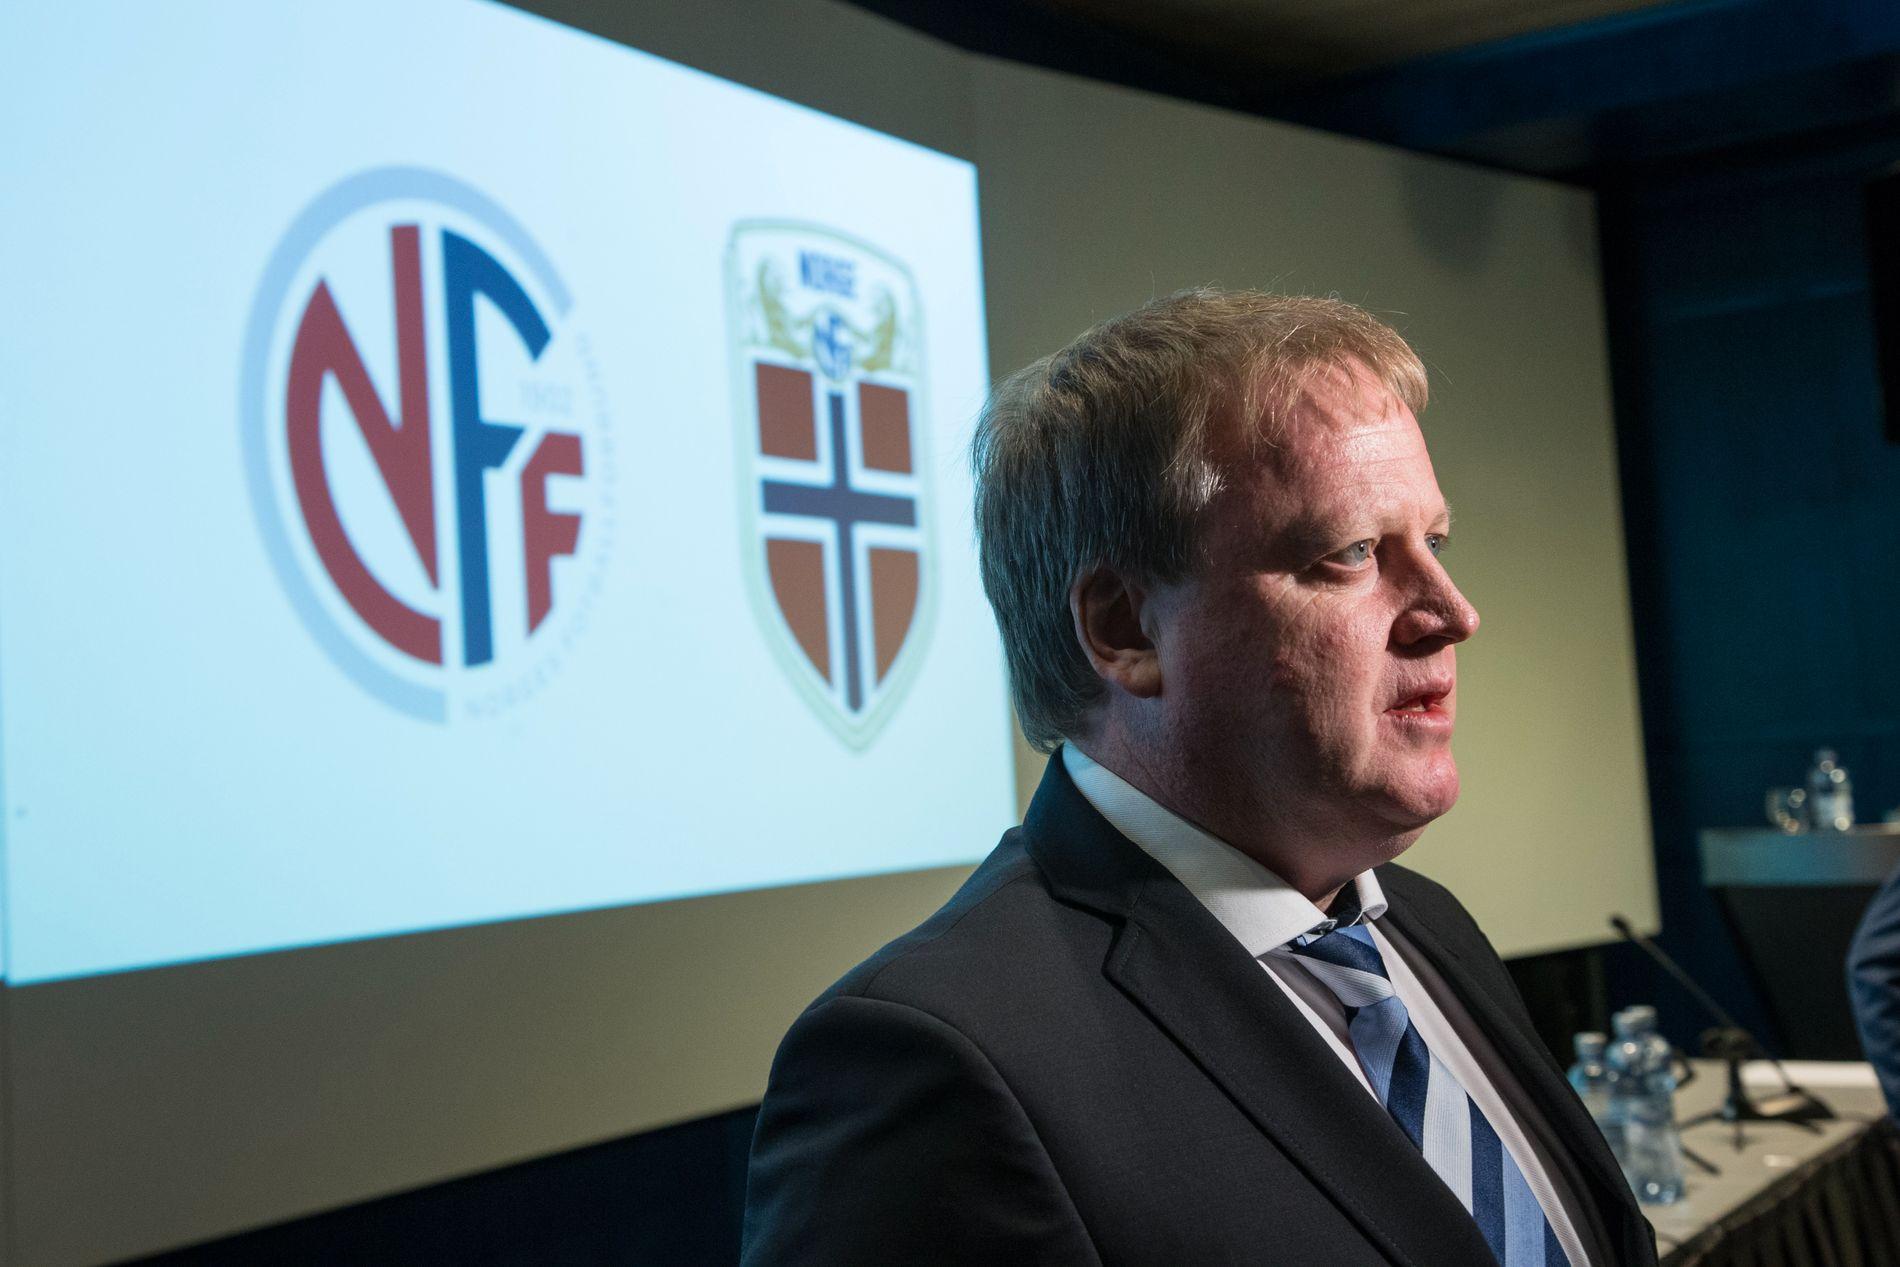 Fotballpresident Yngve Hallén og NFF har bestemt seg for å gi sin støtte til Sepp Blatters motkandidat prins Ali av Jordan.